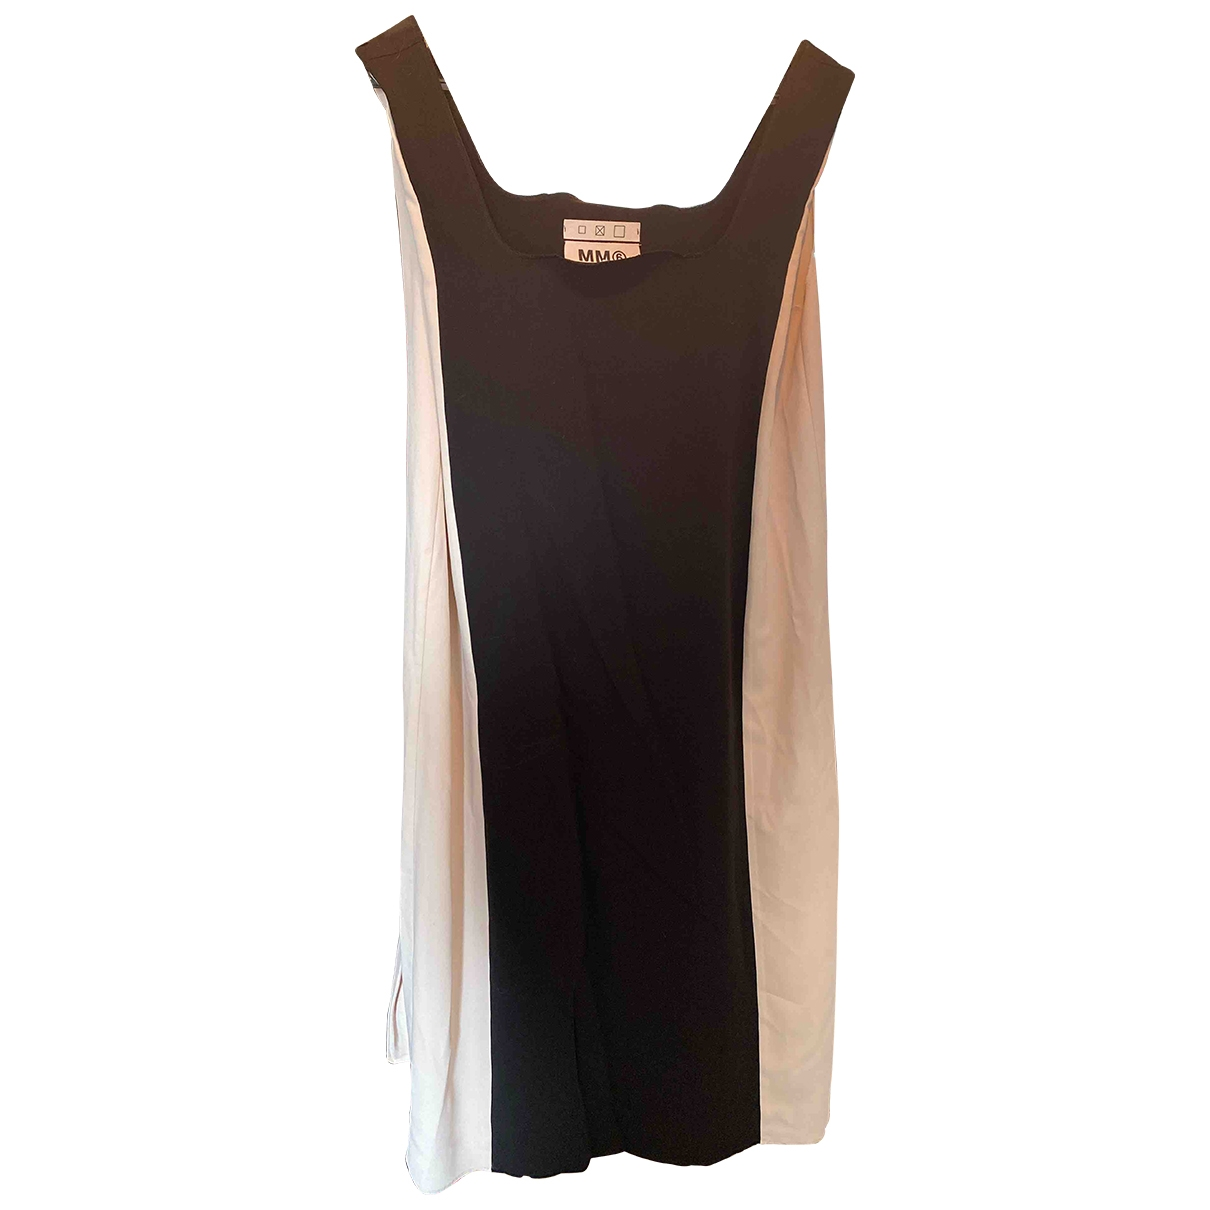 Mm6 \N Kleid in  Schwarz Polyester